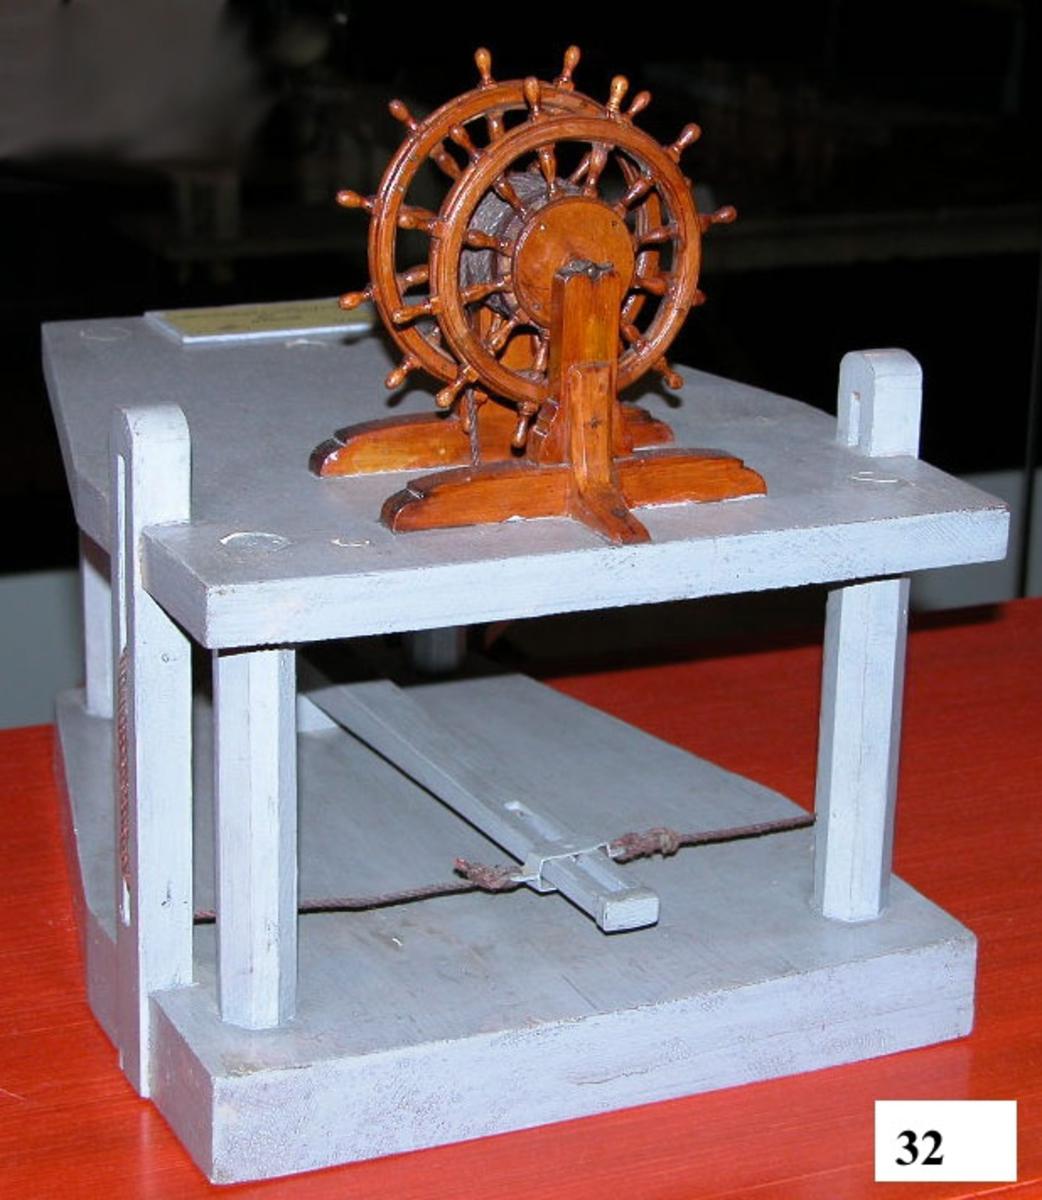 Modell av fartygsratt, drill, uppställda på ett tvådäckat plan motsvarande ett däck och utrymmet därunder. Drillen består av två fartygsrattar med trumma emellan med drilltåg, som löper under däcket via block och är fästat till styrpinnen. Drill och dess ställning är fernissat, övrigt gråmålat.